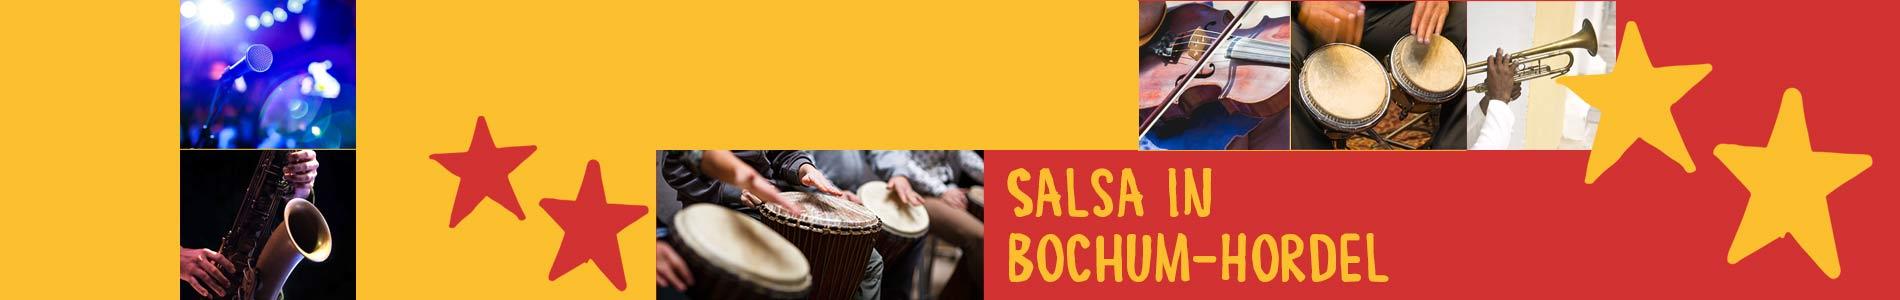 Salsa in Bochum-Hordel – Salsa lernen und tanzen, Tanzkurse, Partys, Veranstaltungen